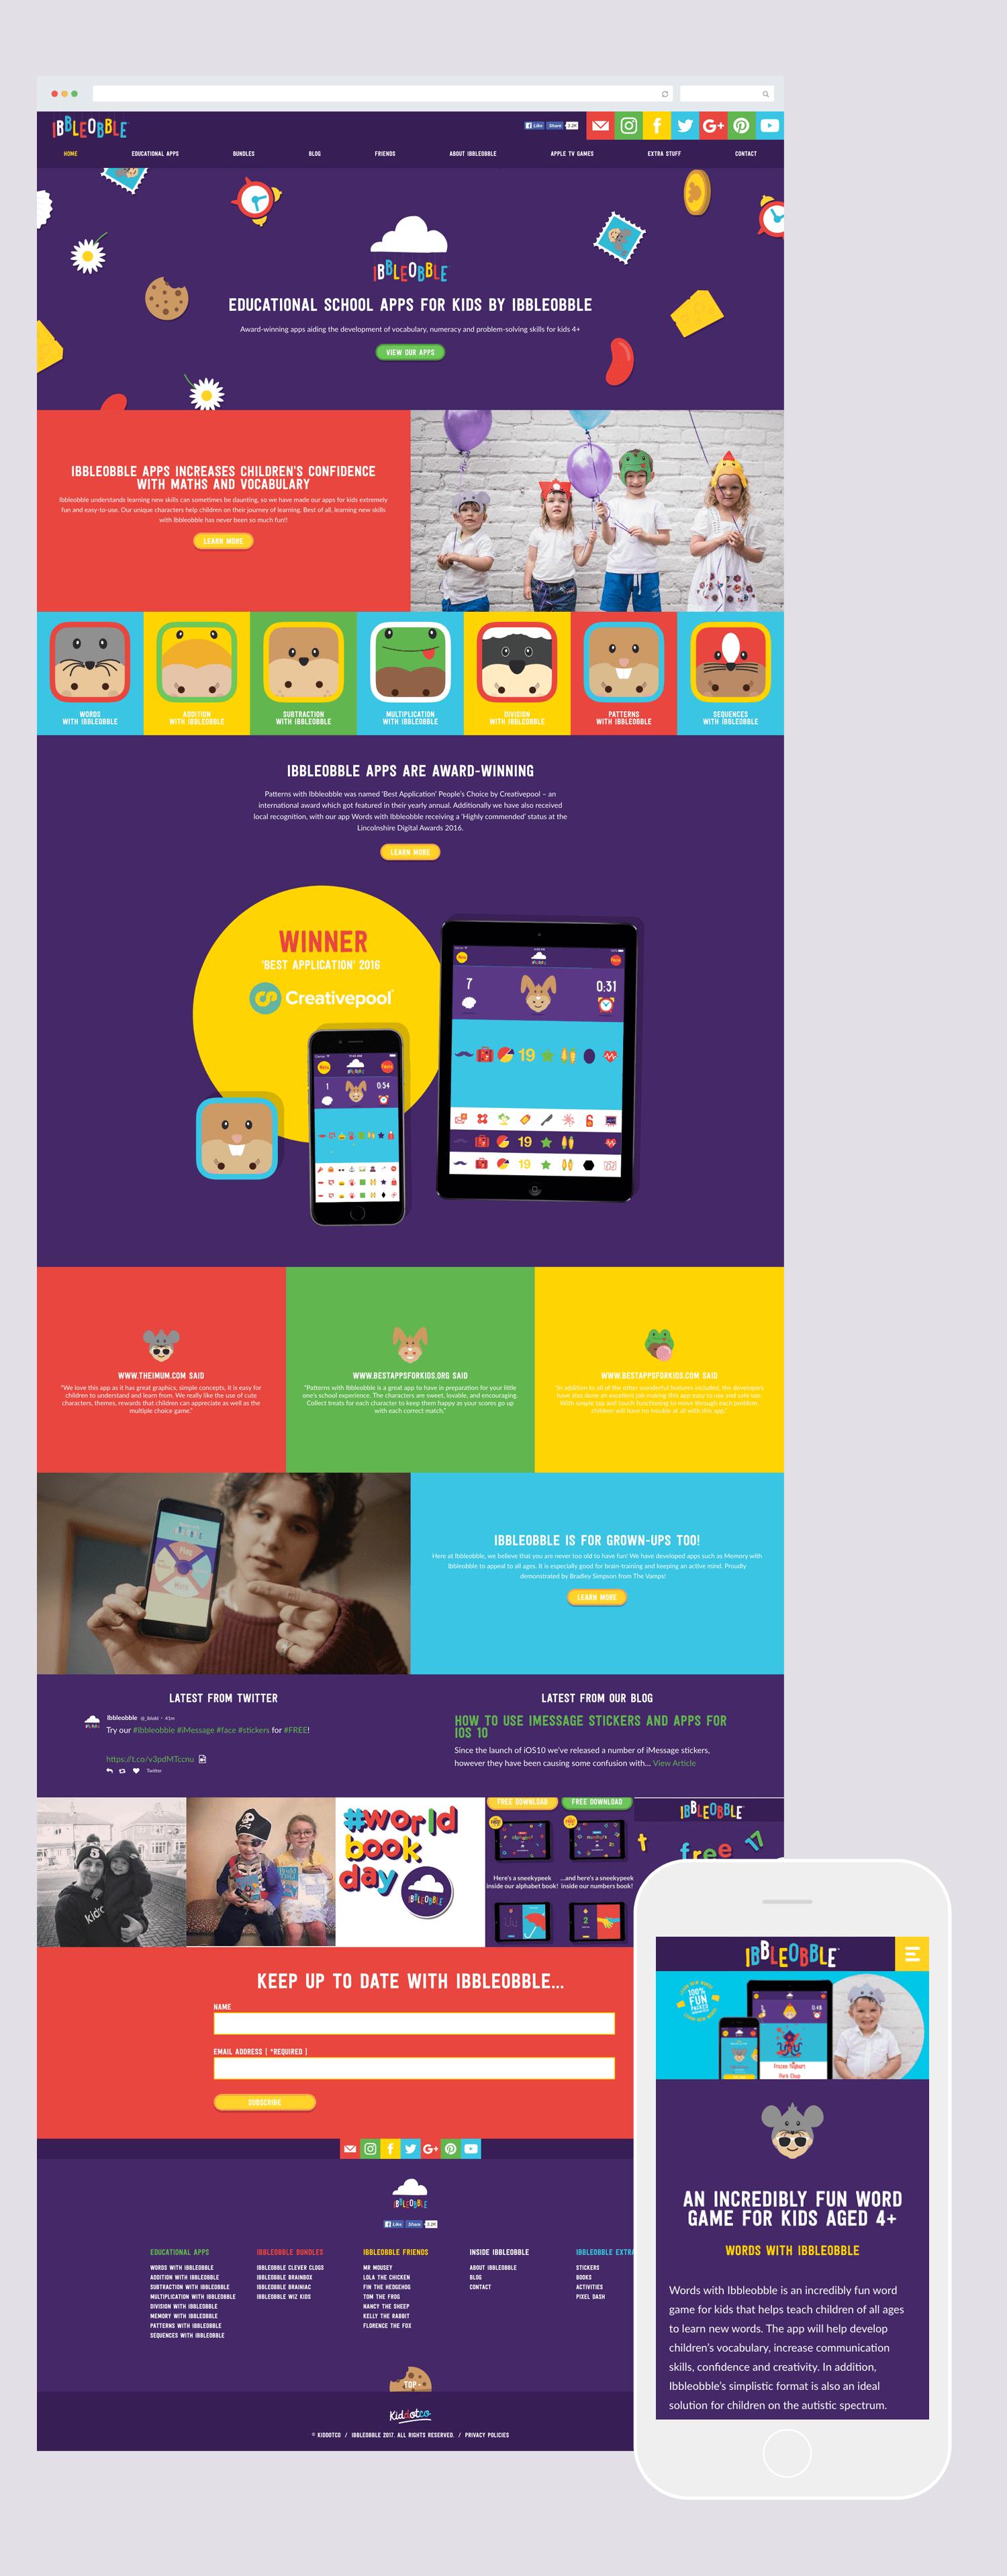 Ibbleobble educational apps award winning website